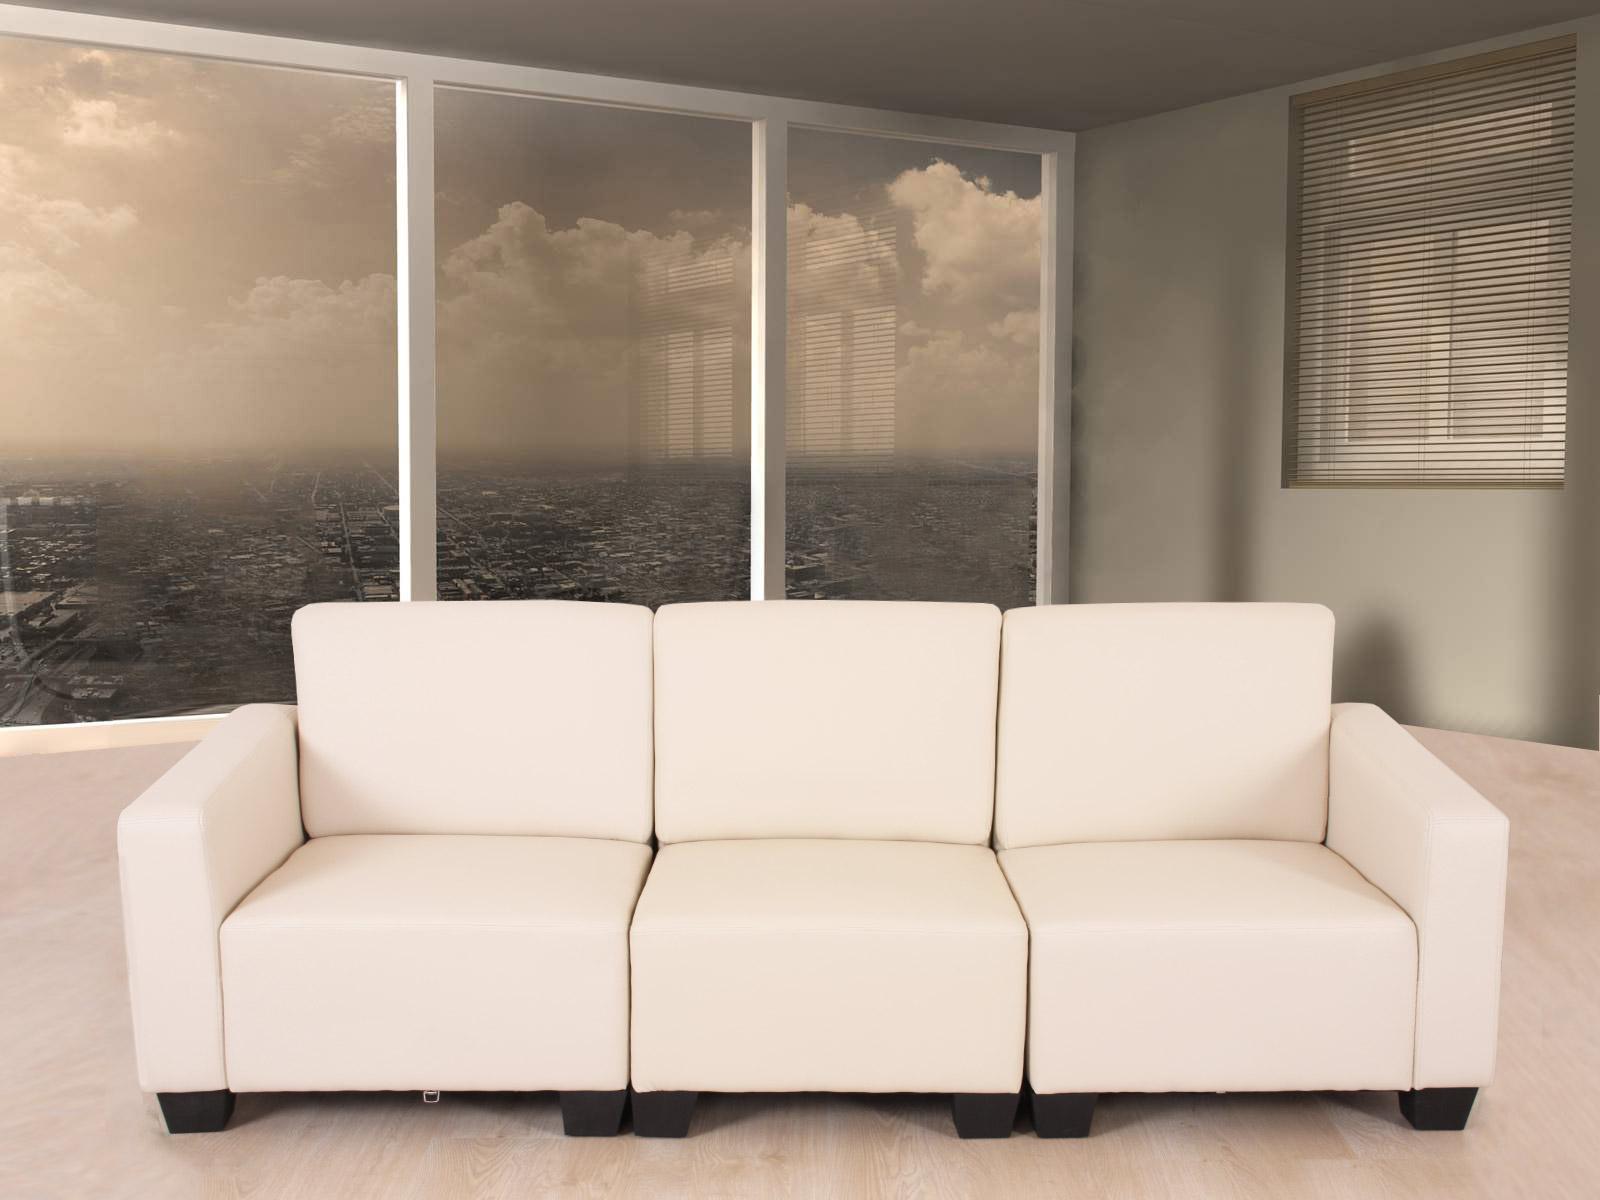 modular 4 sitzer sofa couch lyon kunstleder rot schwarz. Black Bedroom Furniture Sets. Home Design Ideas